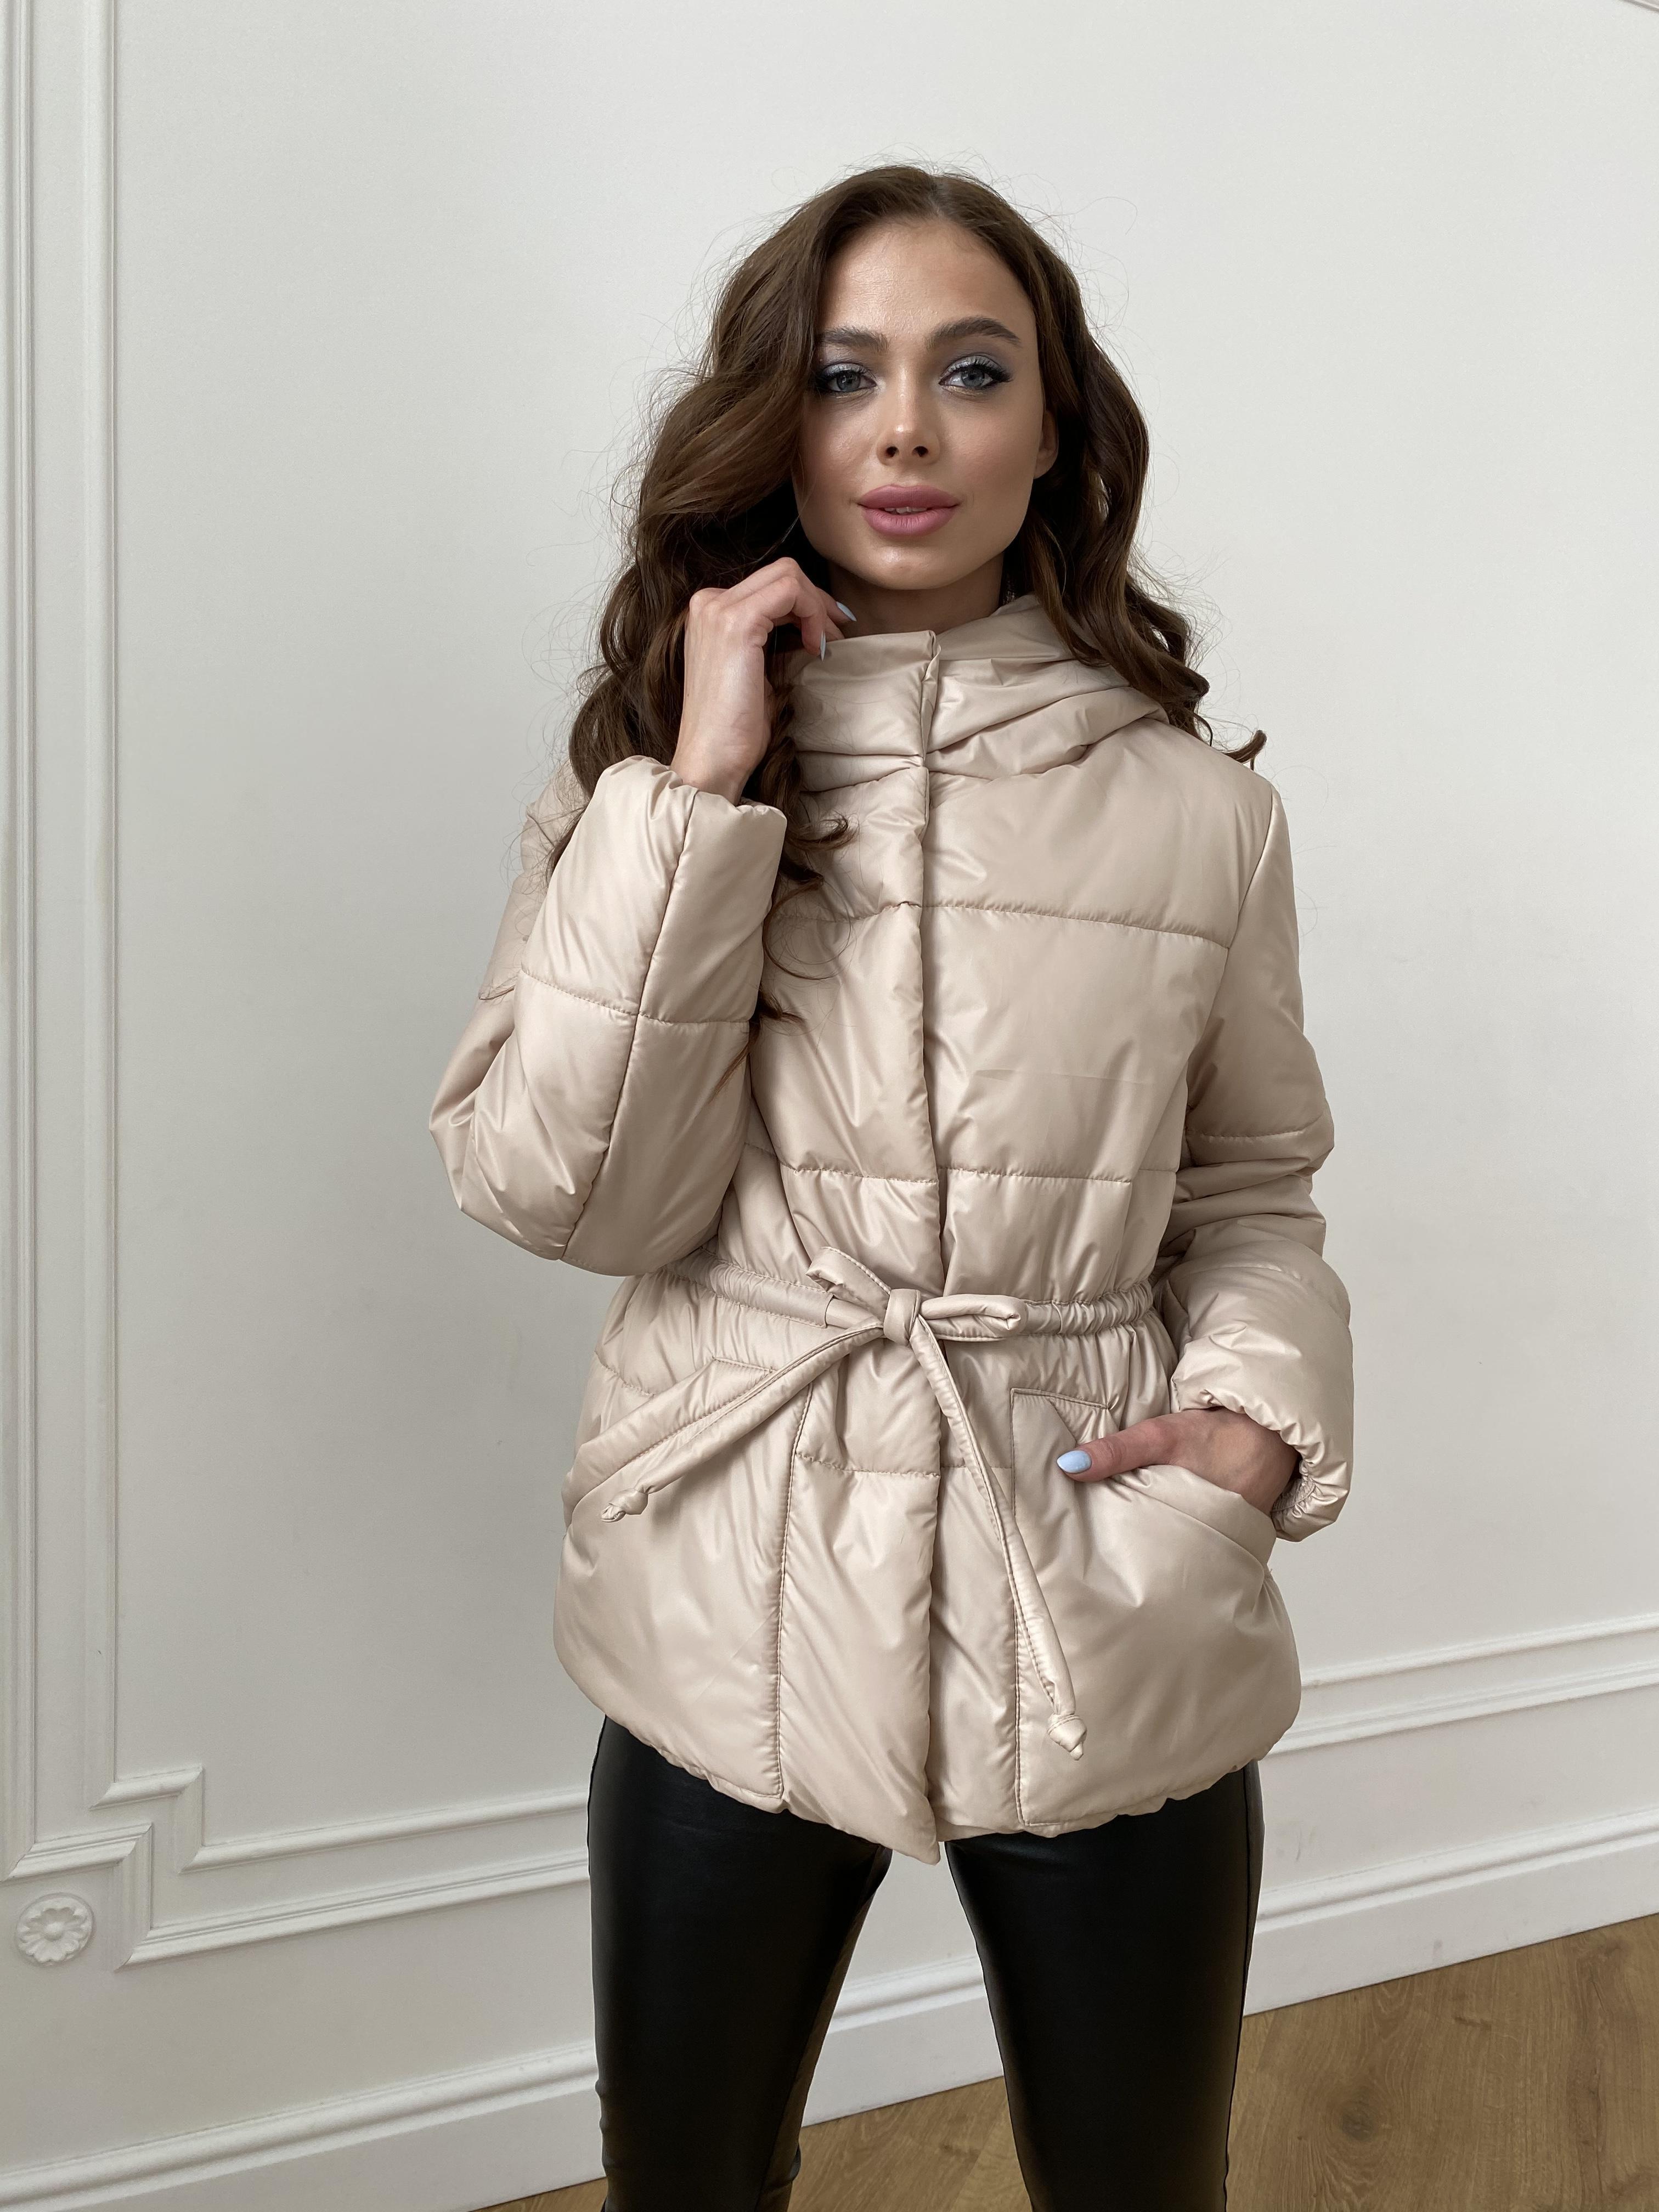 Пино куртка из плащевой ткани 10489 АРТ. 47391 Цвет: Бежевый - фото 3, интернет магазин tm-modus.ru